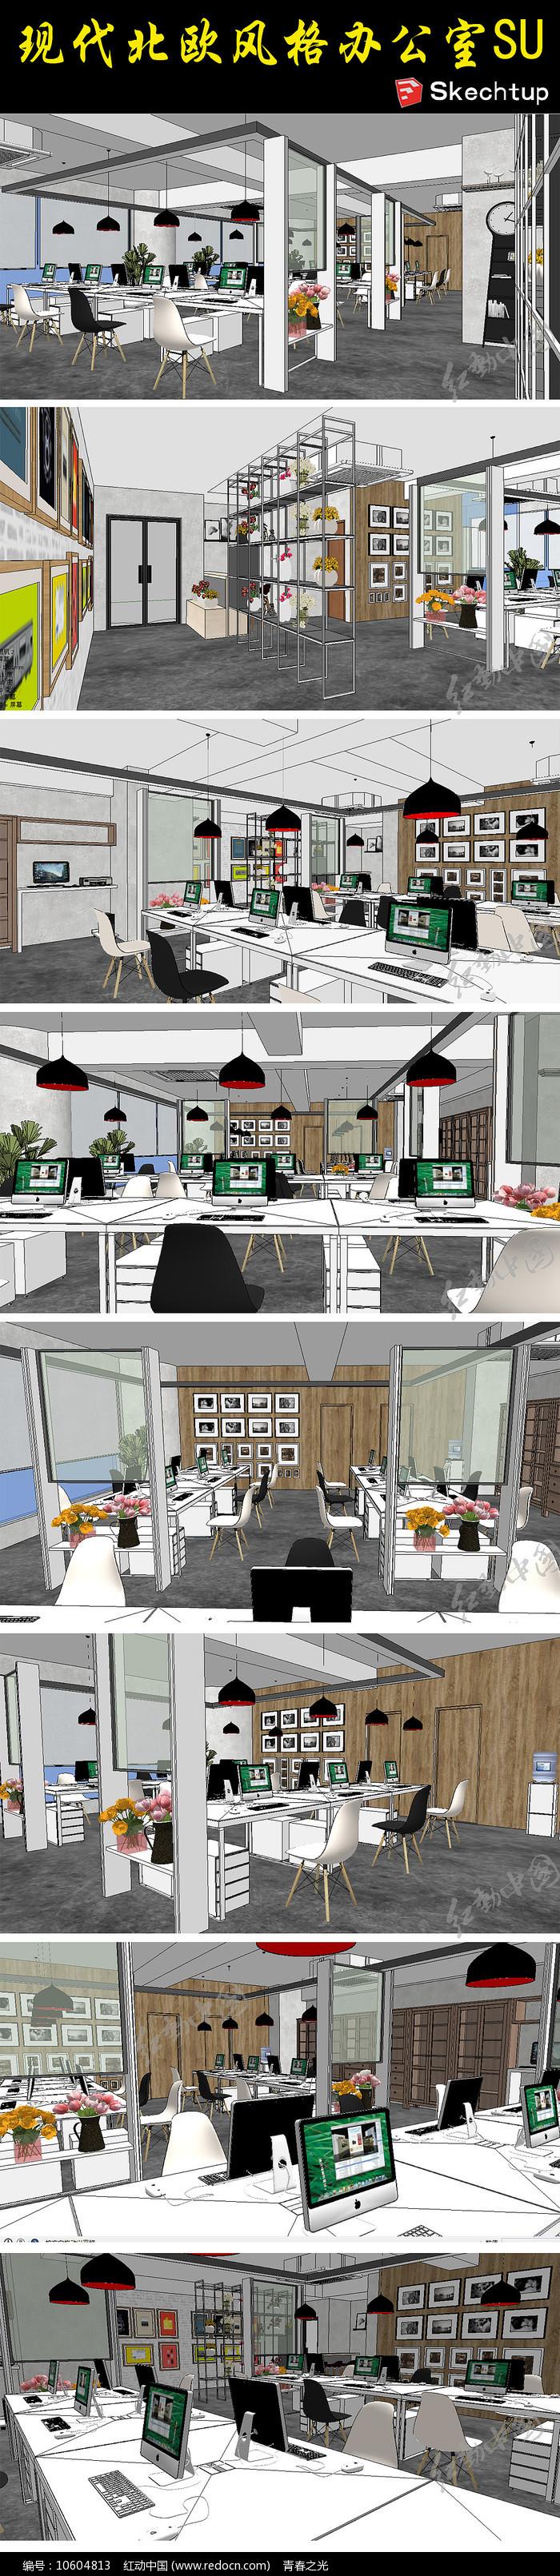 现代北欧办公室设计SU模型图片